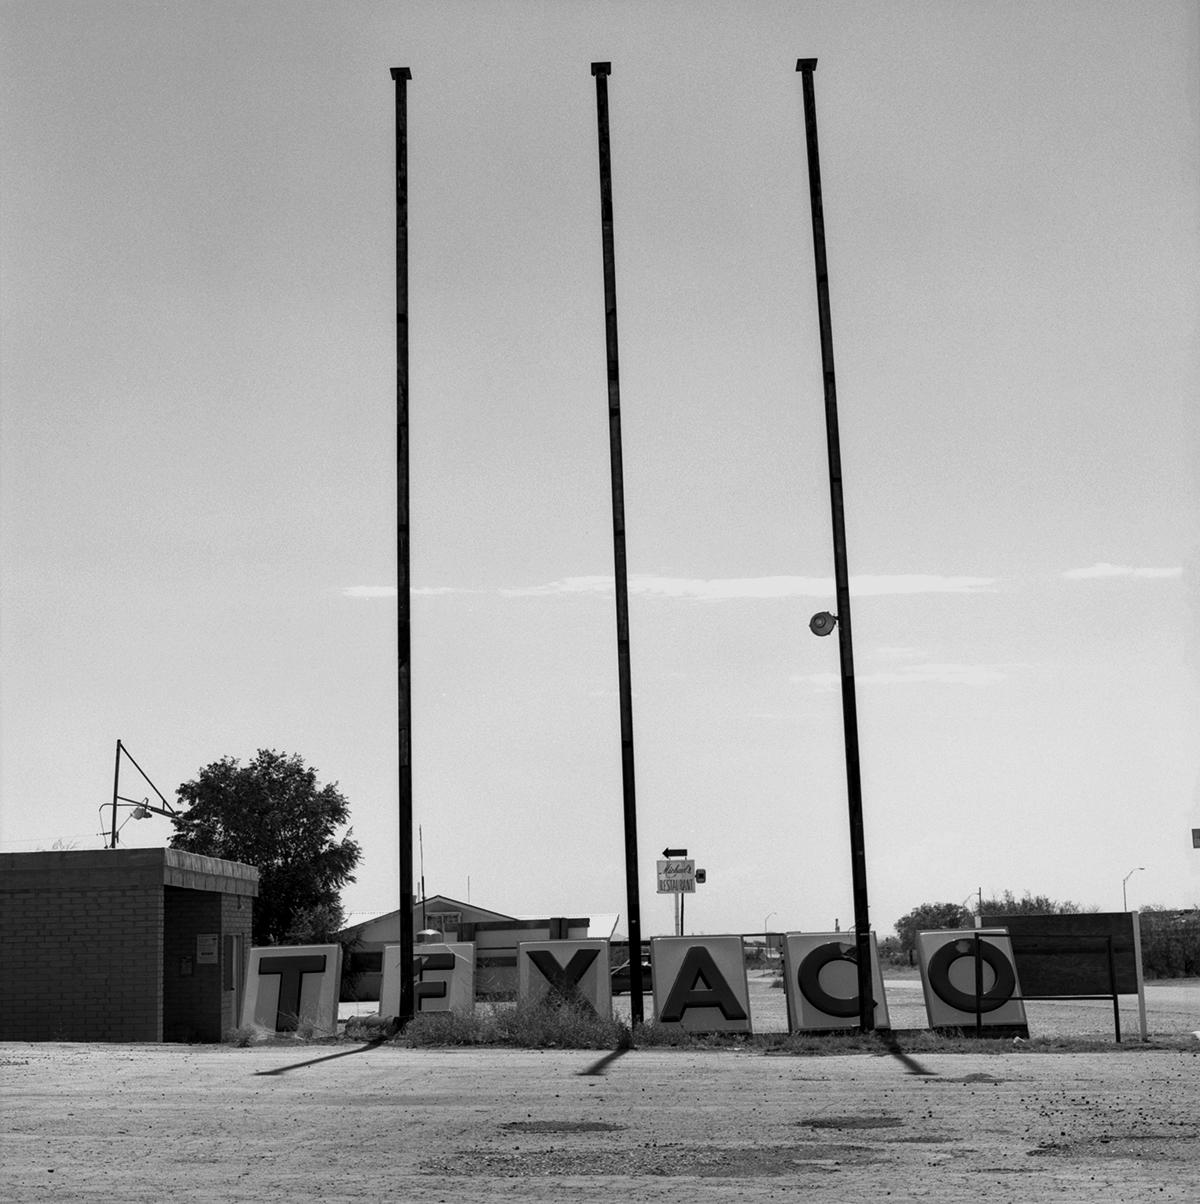 Diane Durant, Texaco, Sierra Blanca TX, 2013